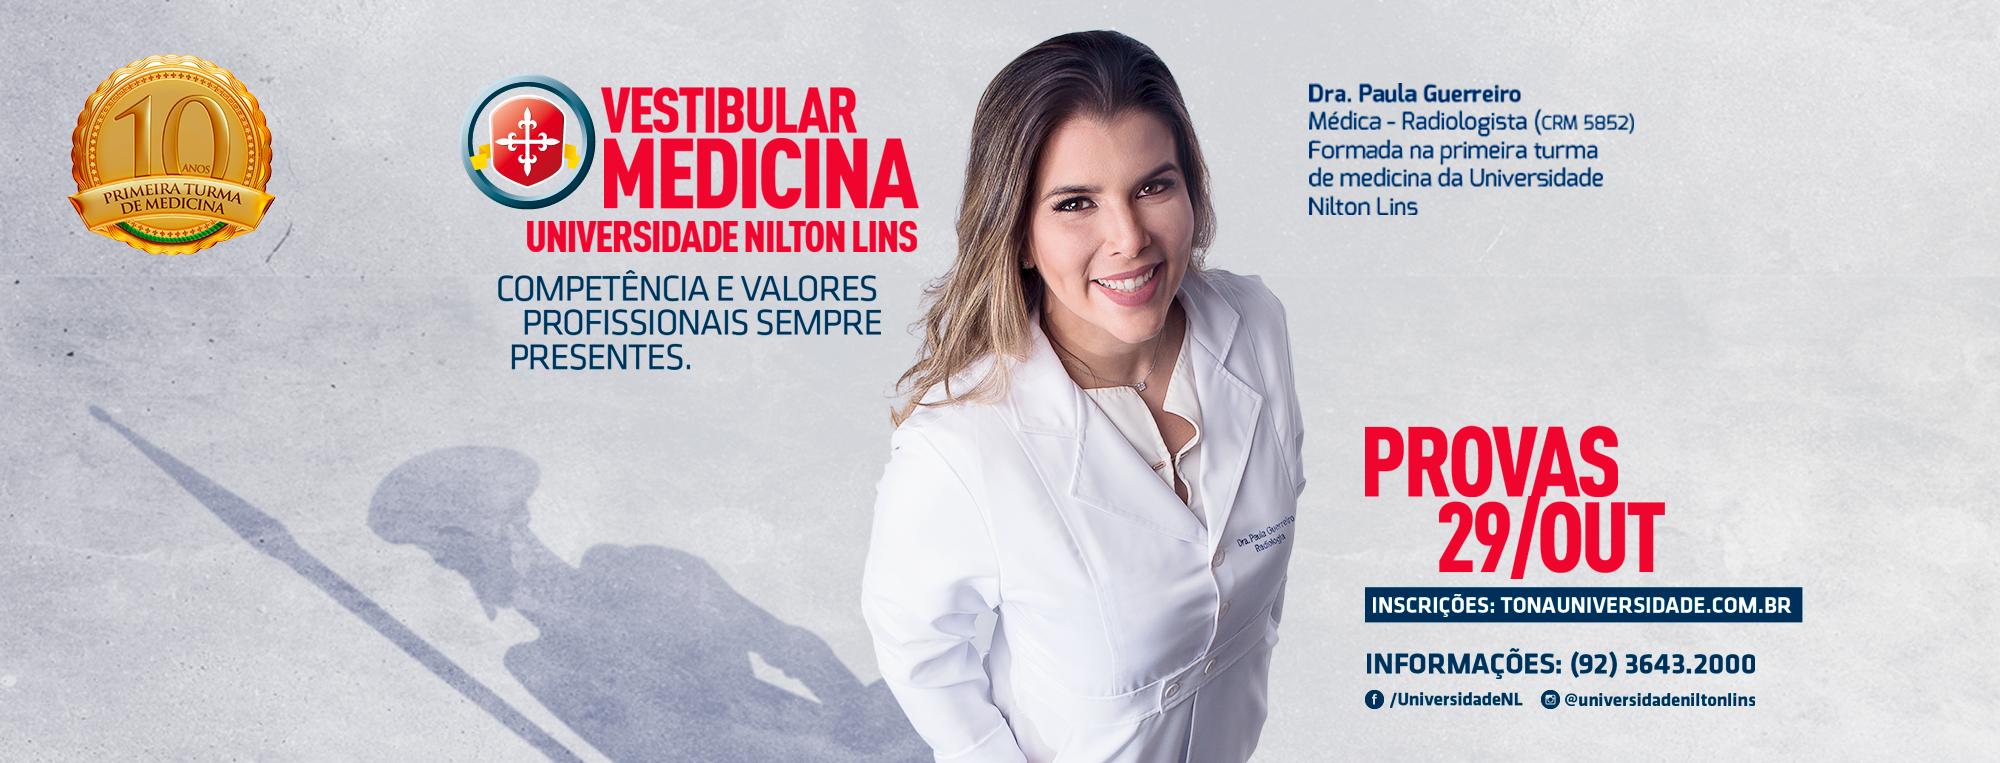 UNIVERSIDADE NILTON LINS ESTÁ COM INSCRIÇÕES ABERTAS PARA O VESTIBULAR DE MEDICINA